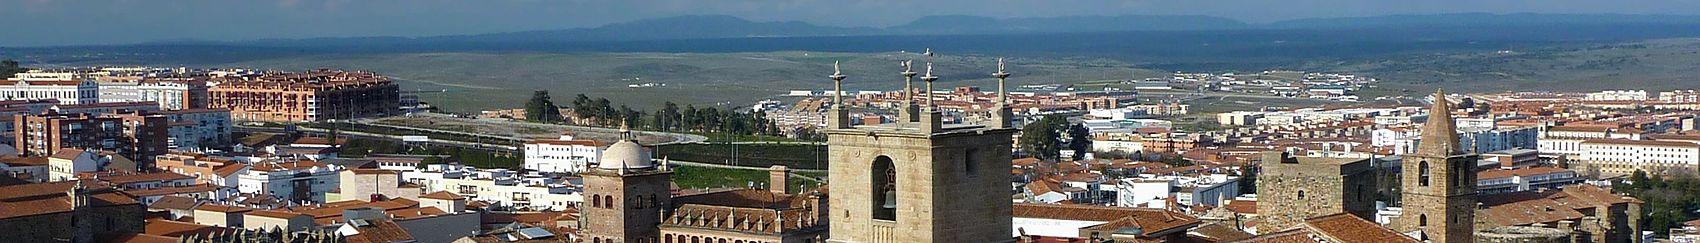 Locapedias de Cáceres